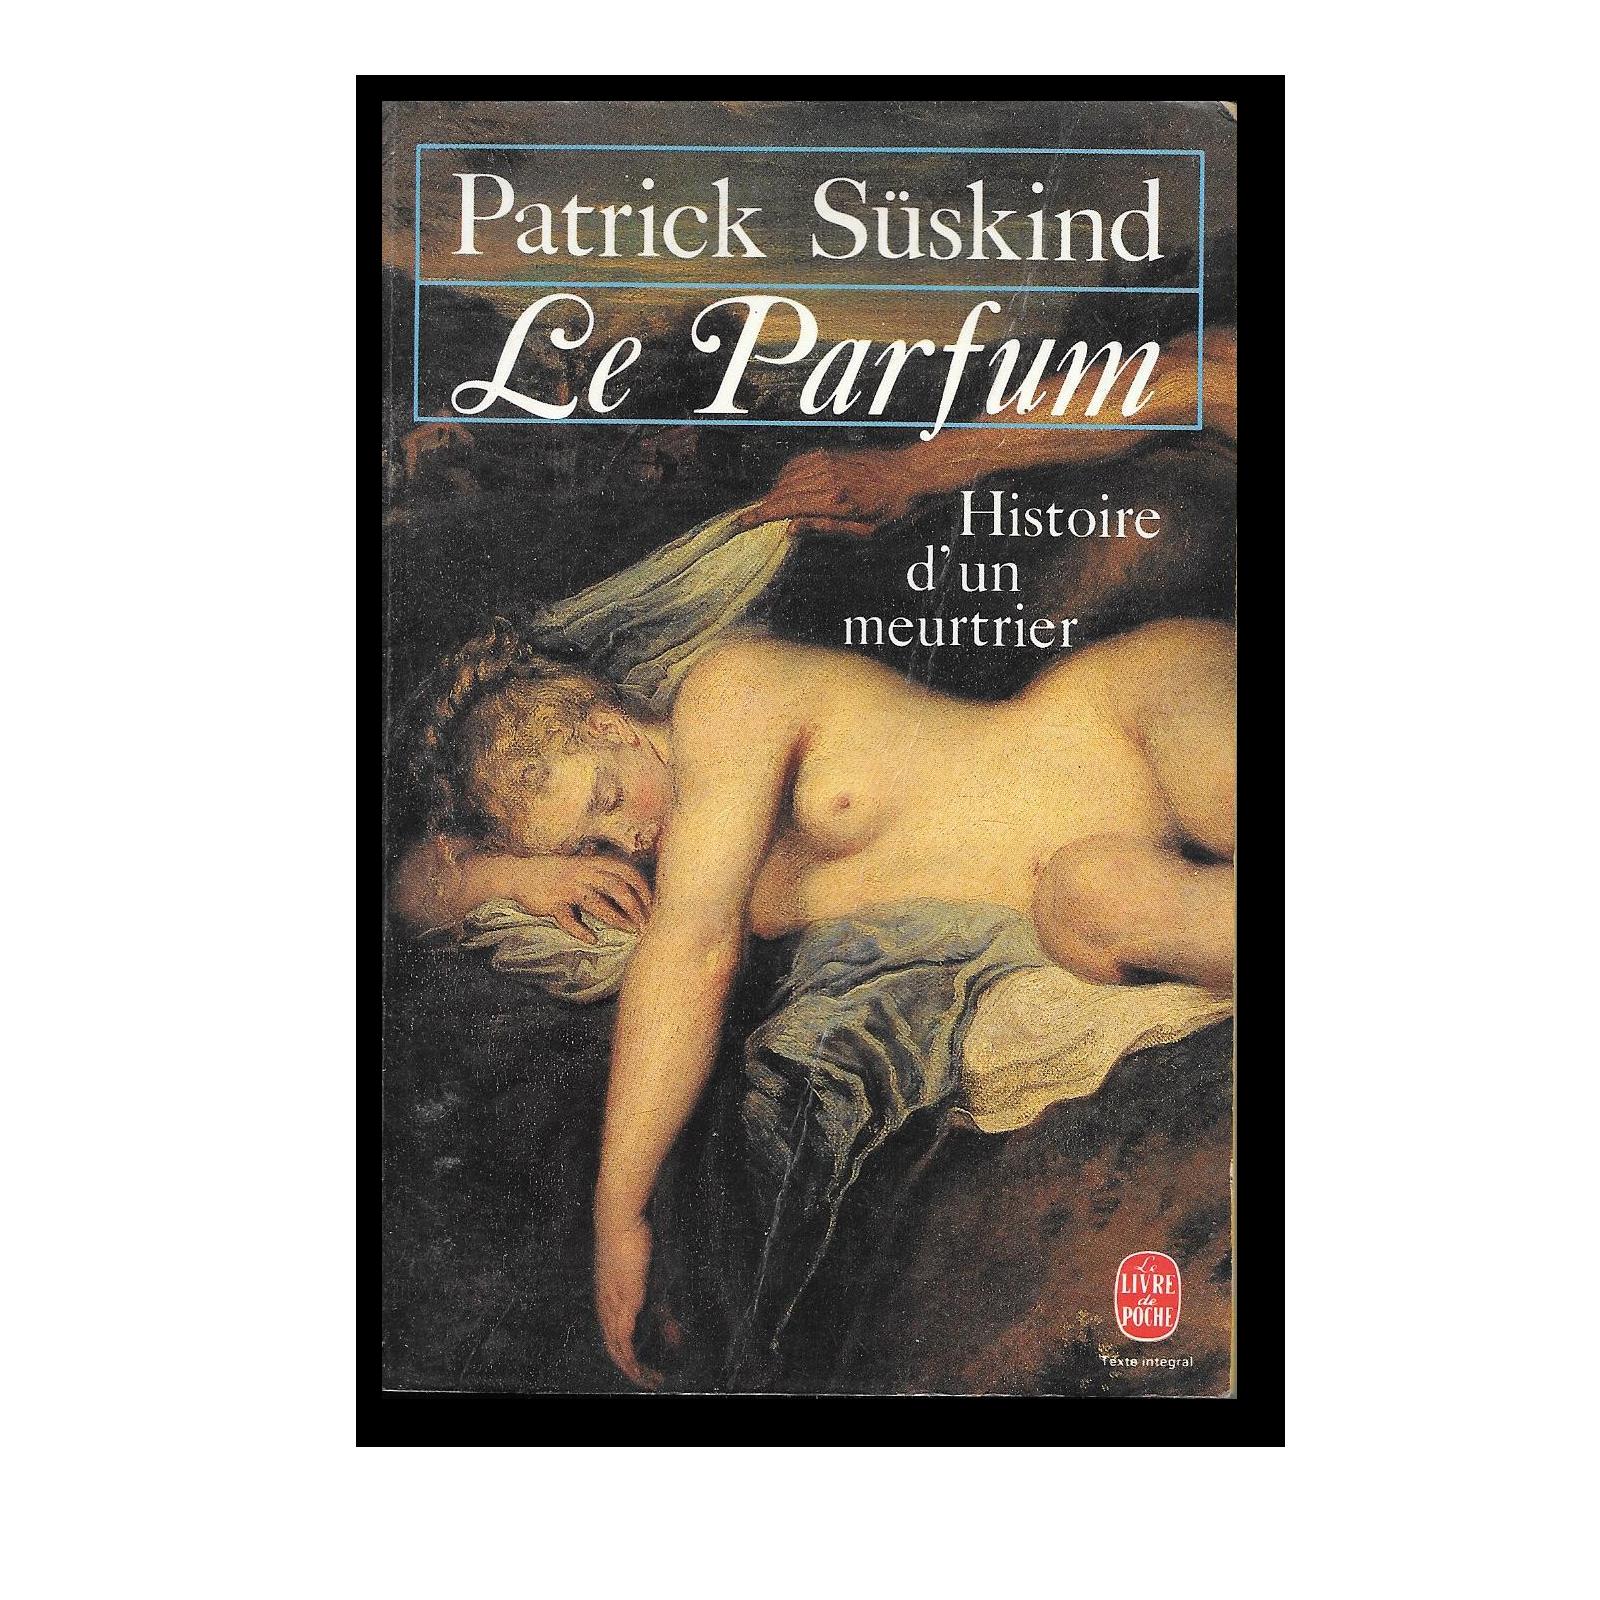 Découvrez « Le Parfum », roman mêlant fiction historique et horreur, en livre d'occasion, au format de poche et en bon état.